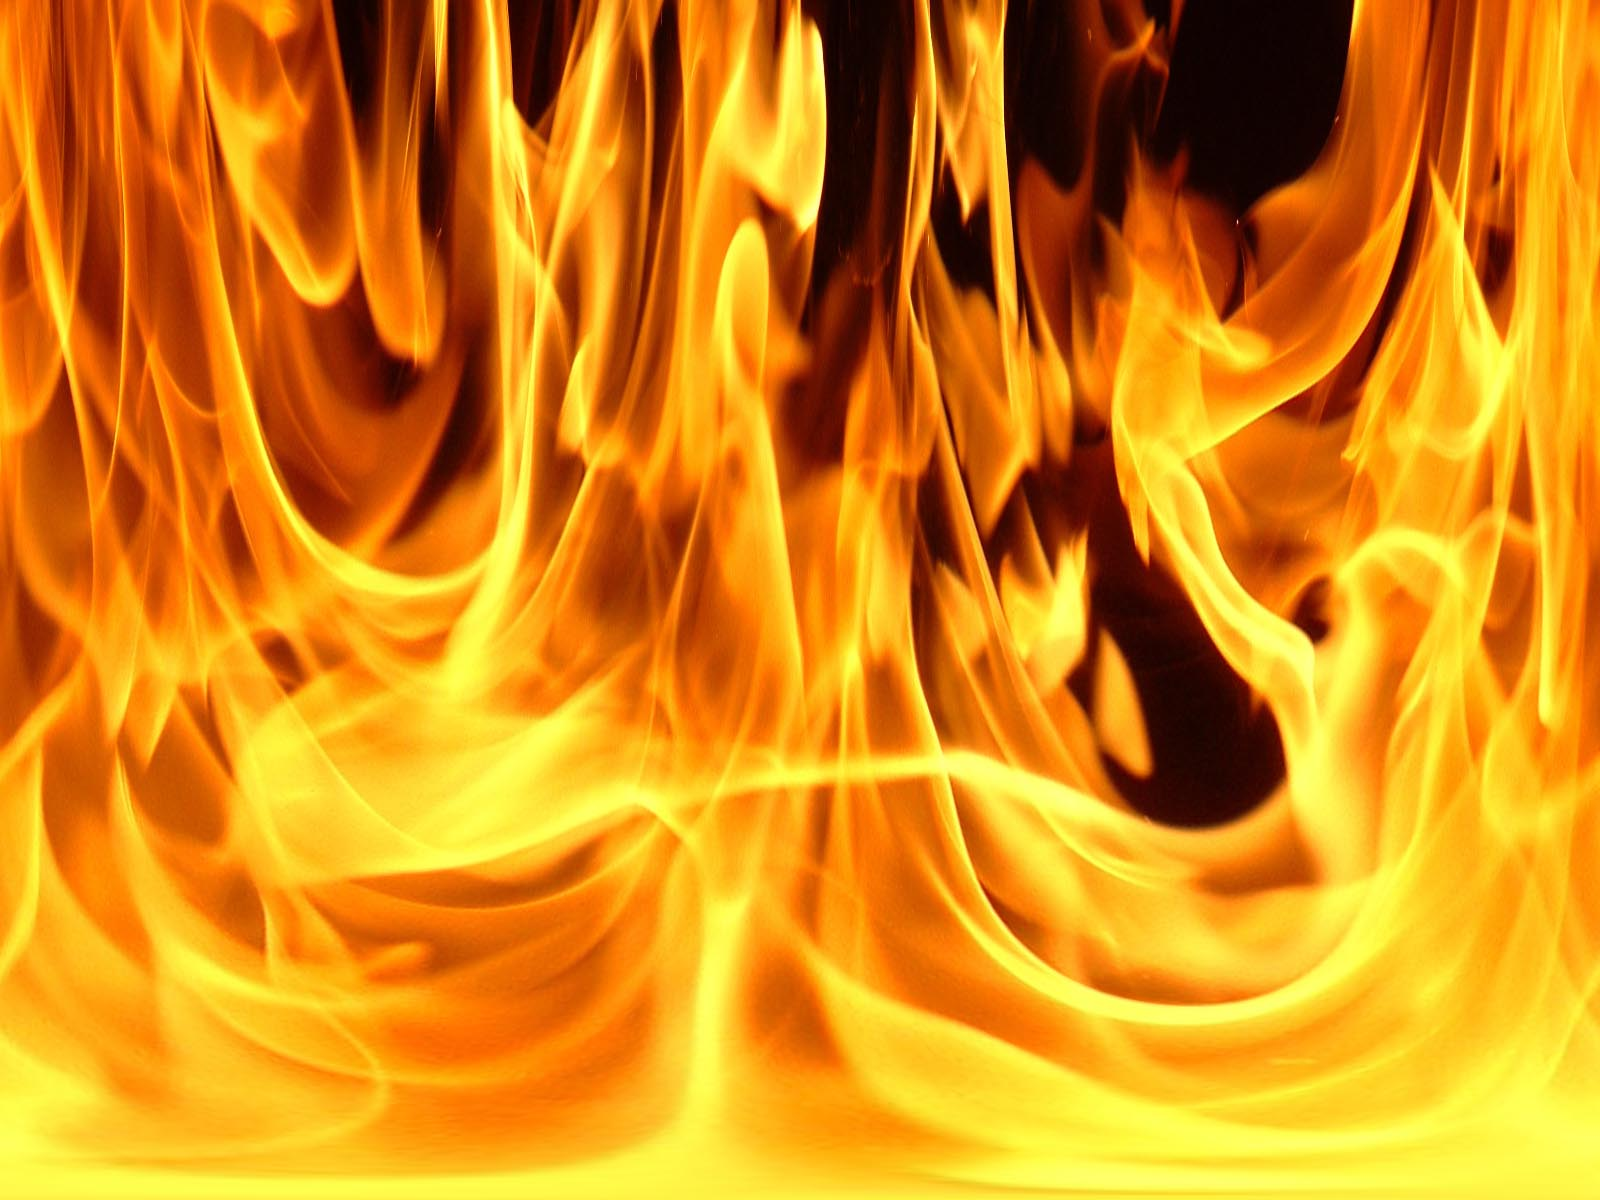 http://2.bp.blogspot.com/-mgt6H56Oezg/T3l0hq2pIQI/AAAAAAAABIE/ejs1GmaVncg/s1600/fire-desktop-wallpaper.jpg